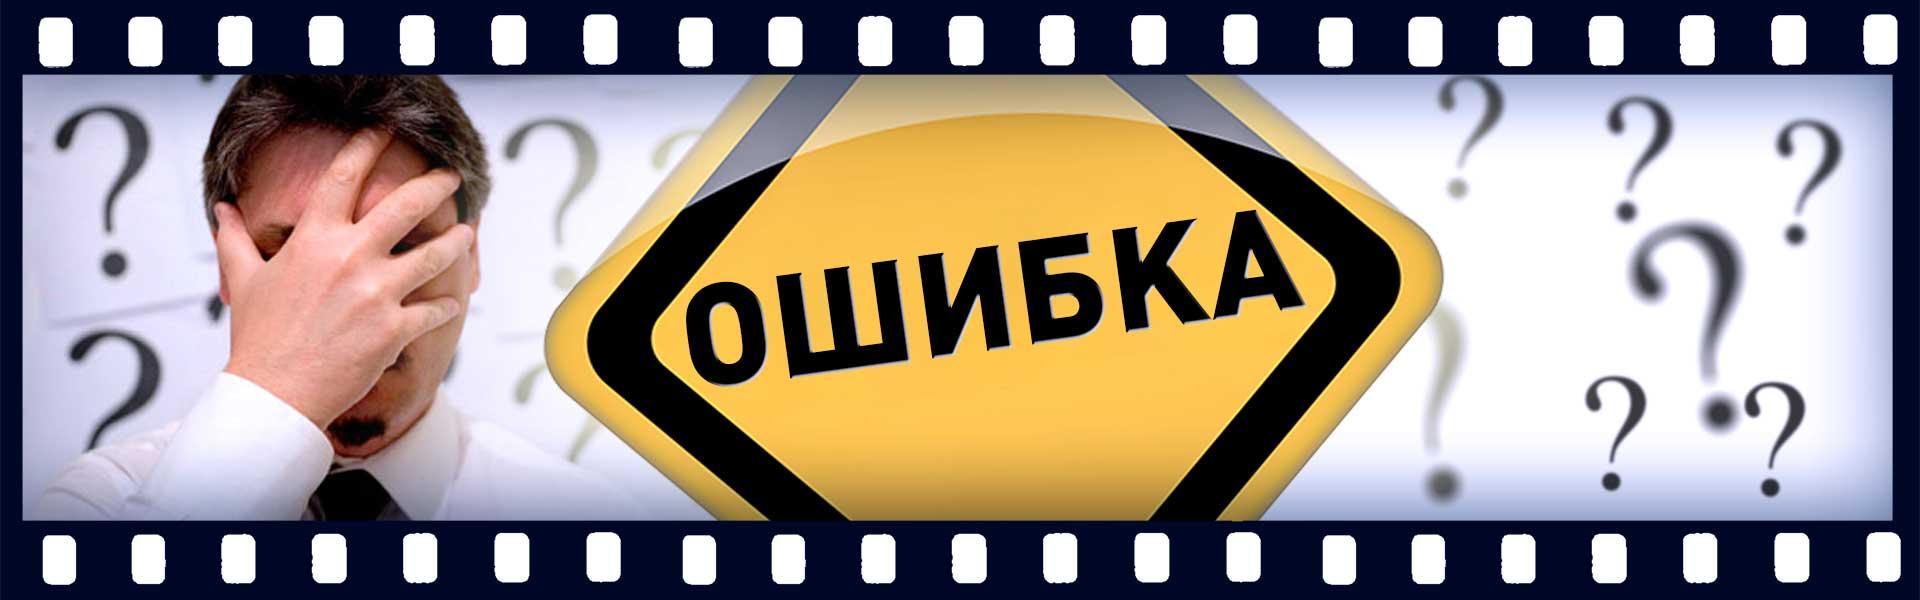 Типичные ошибки и заблуждения заказчика видеорекламы